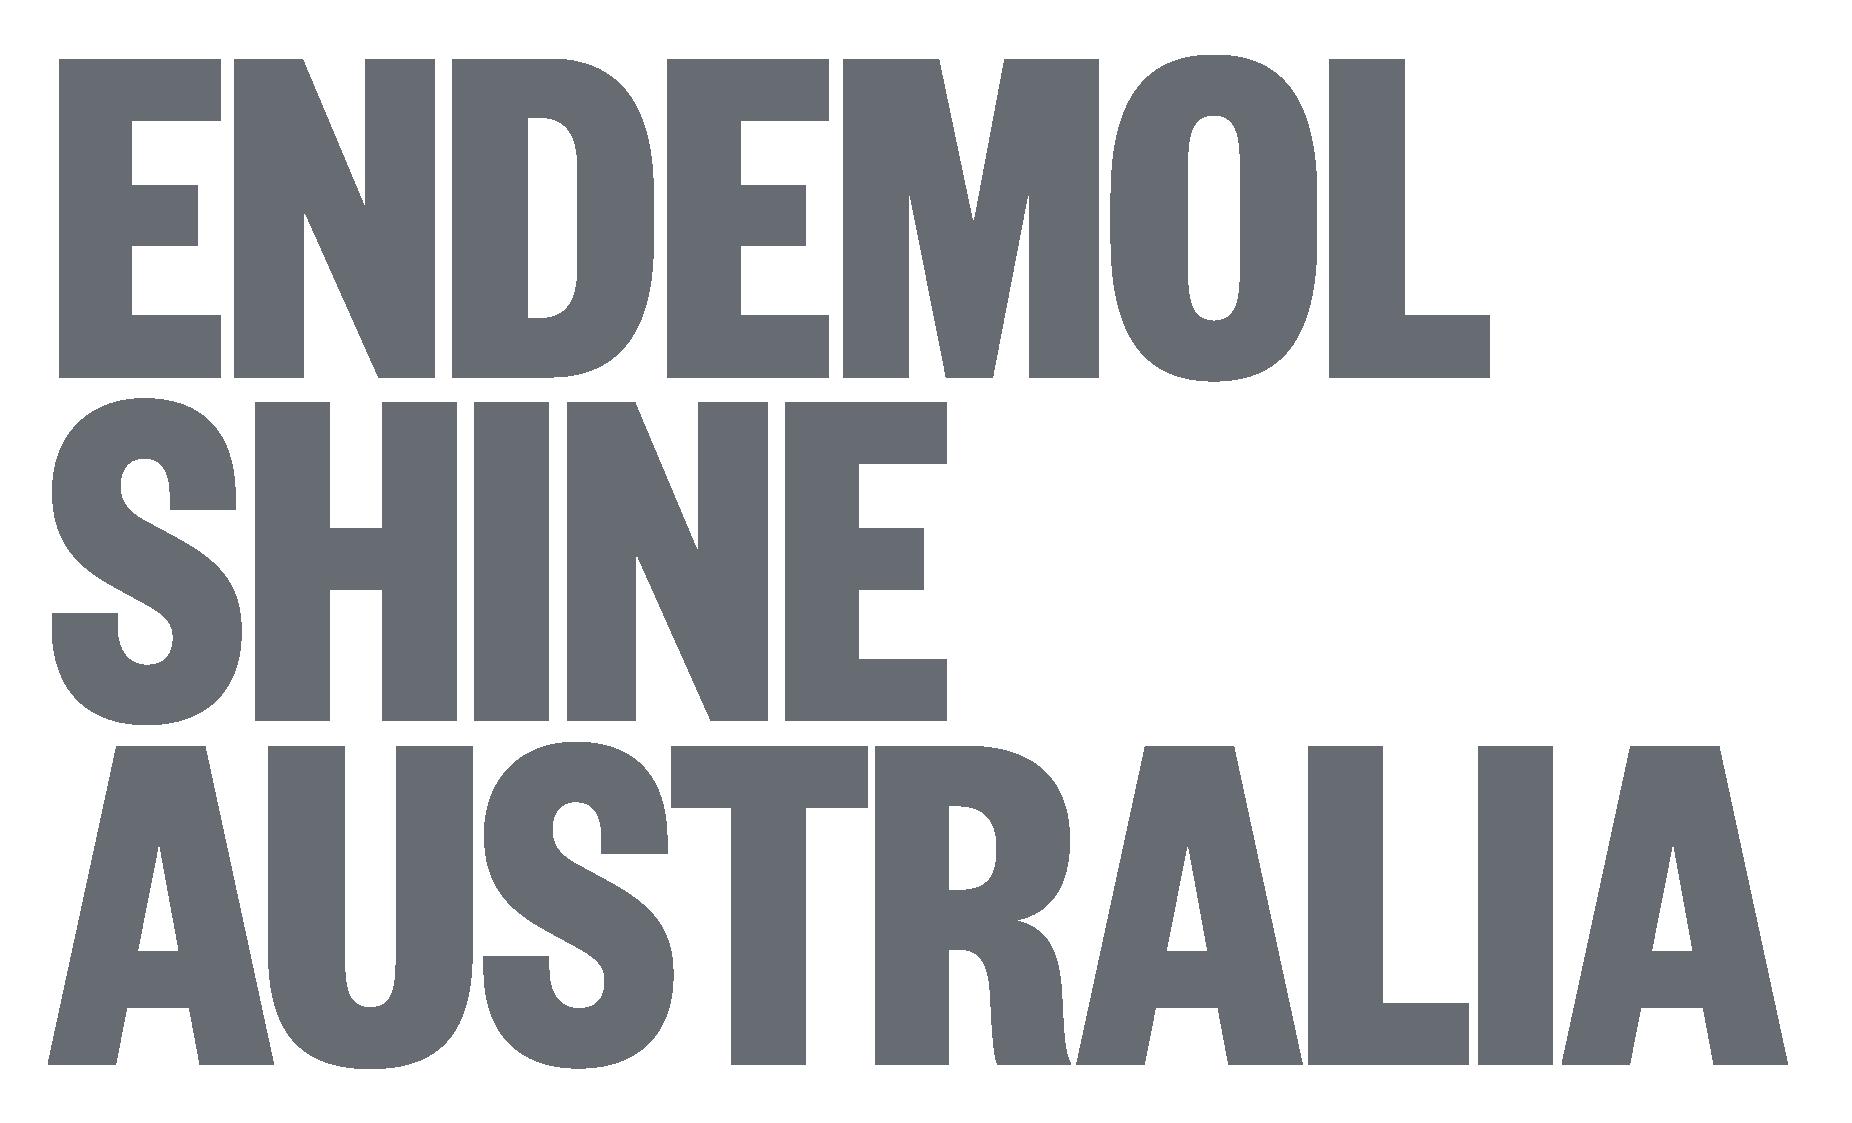 EndemolShine_Australia_Grey_RGB